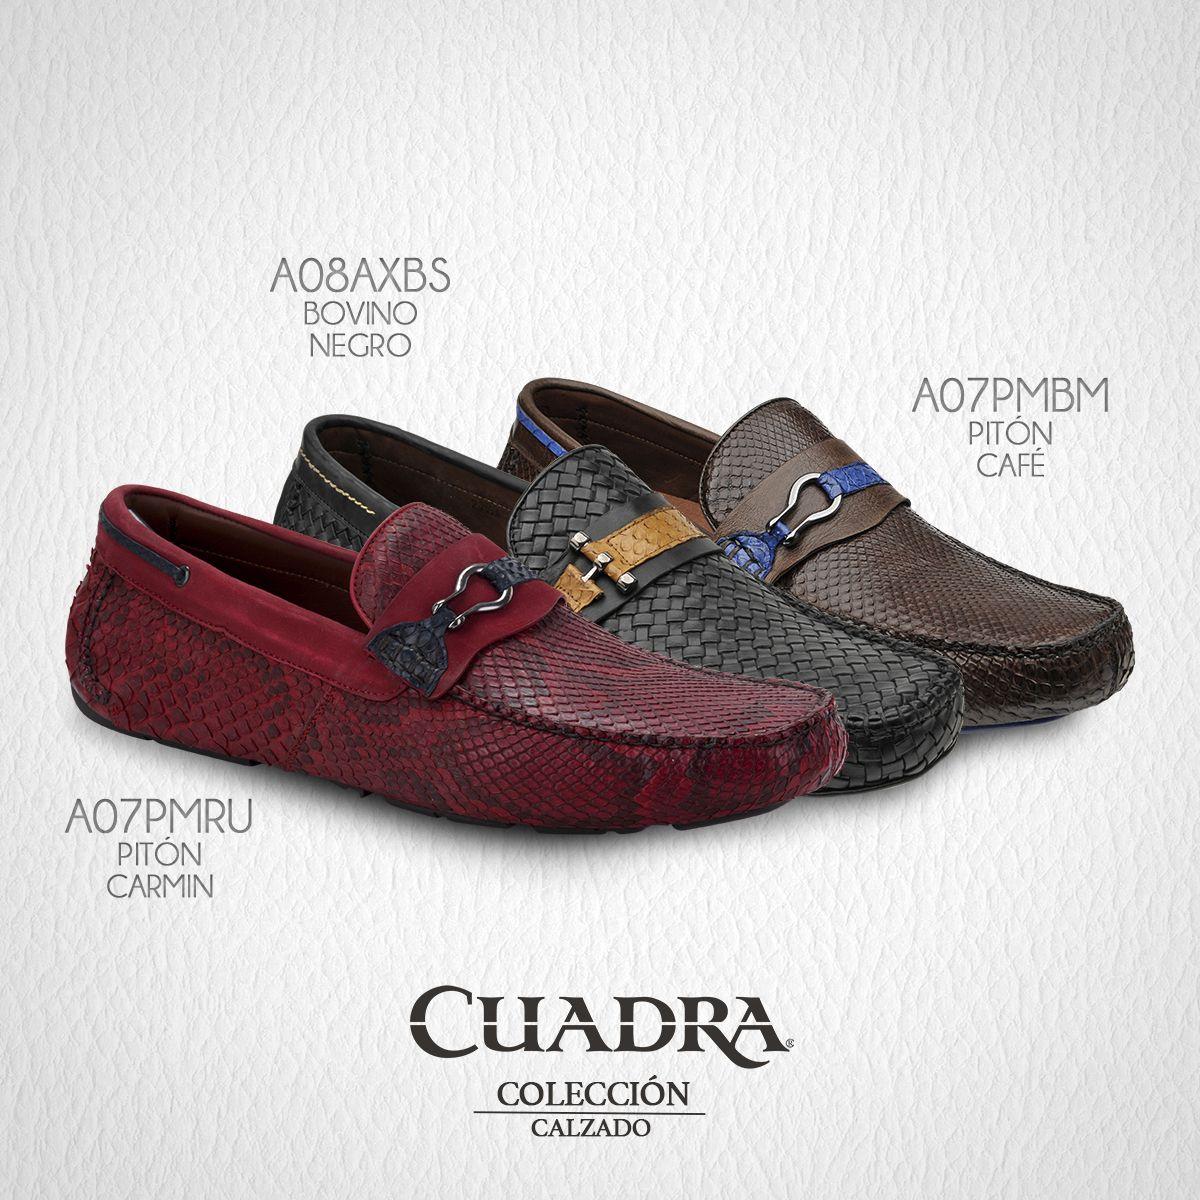 25560e3357f La máxima combinación entre casual y elegante.  CUADRA  Shoes  Leather   Zapatos…